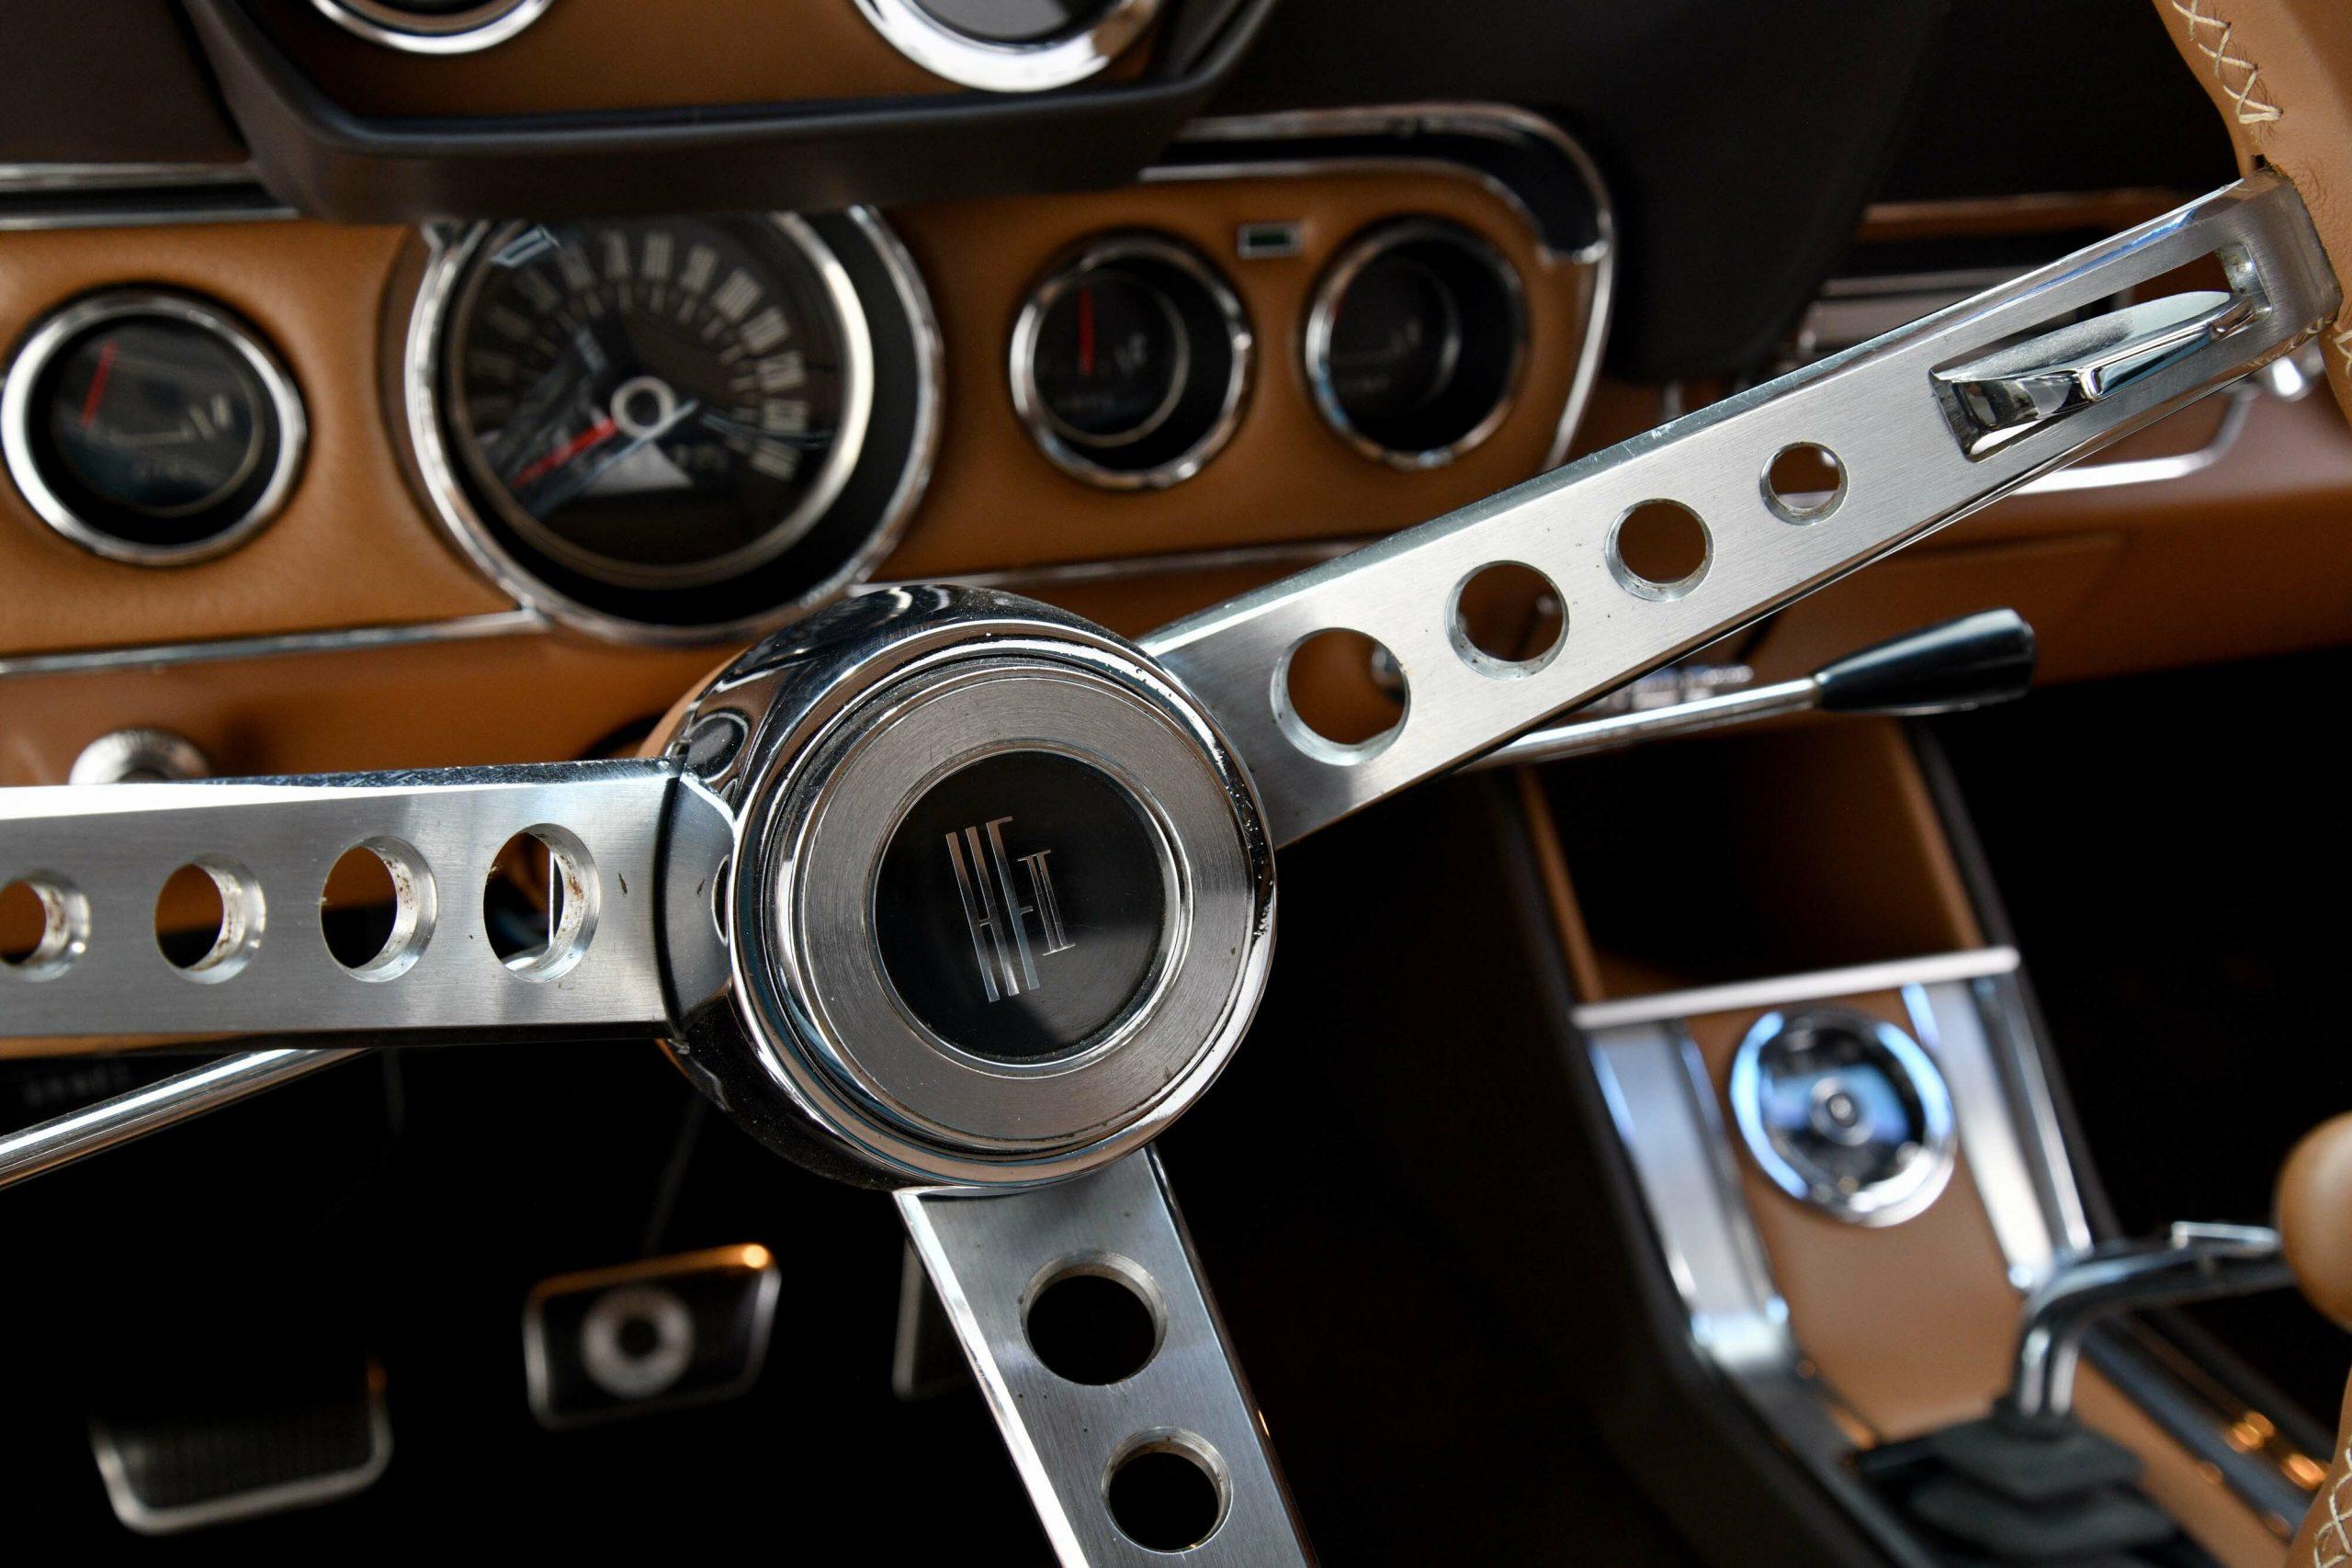 1966 FORD MUSTANG GT K-CODE CONVERTIBLE steering wheel